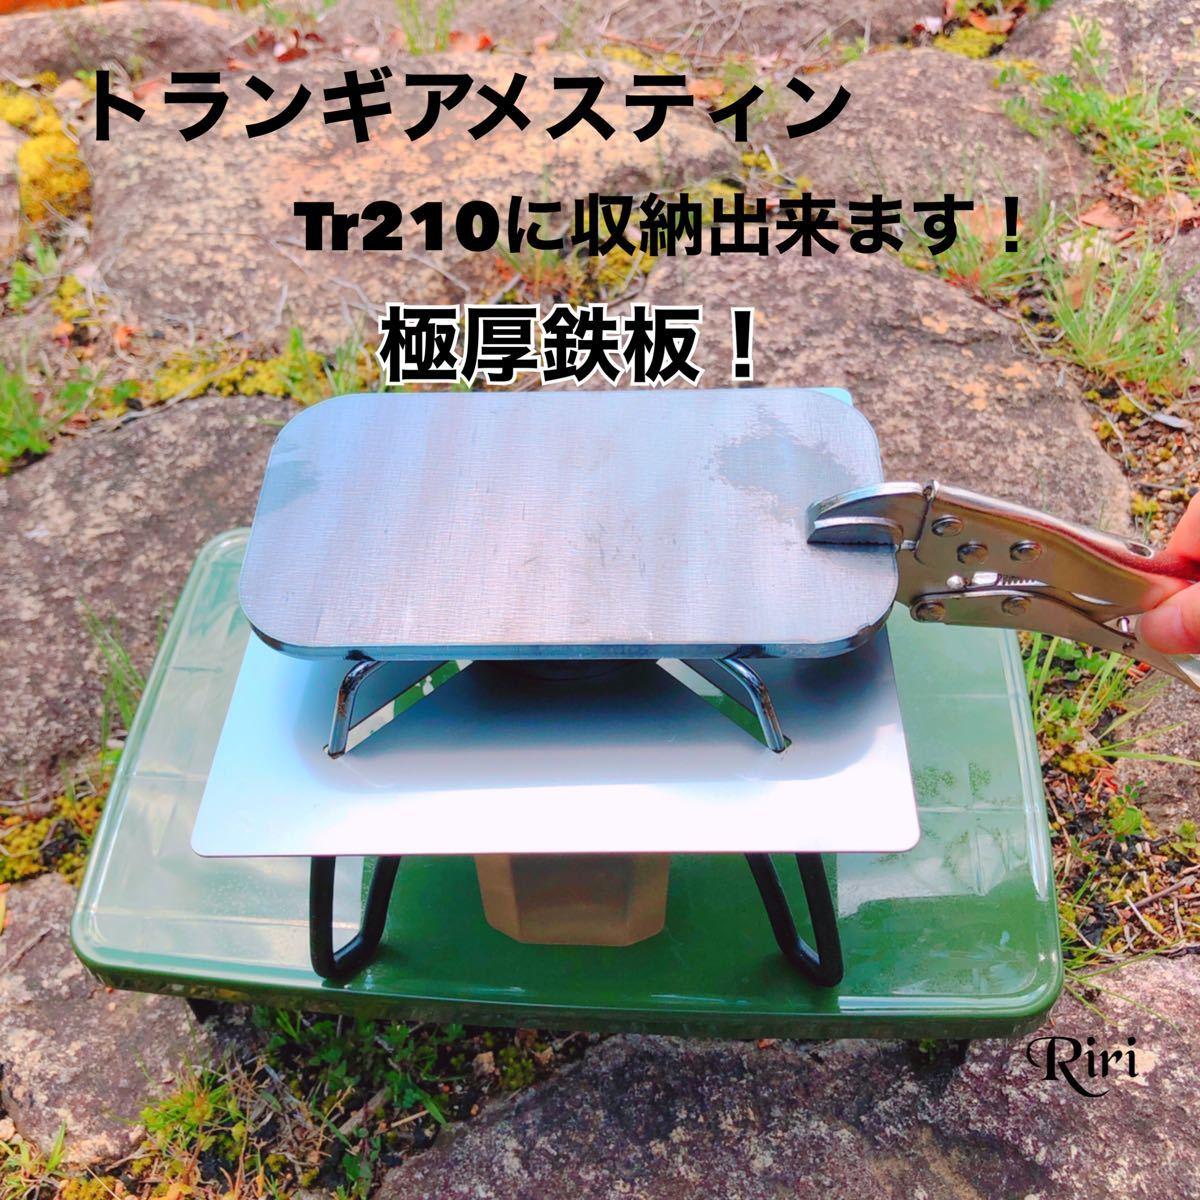 鉄板 スモール メスティン トランギア 6ミリ 黒皮鉄板 国産 アウトドア キャンプ